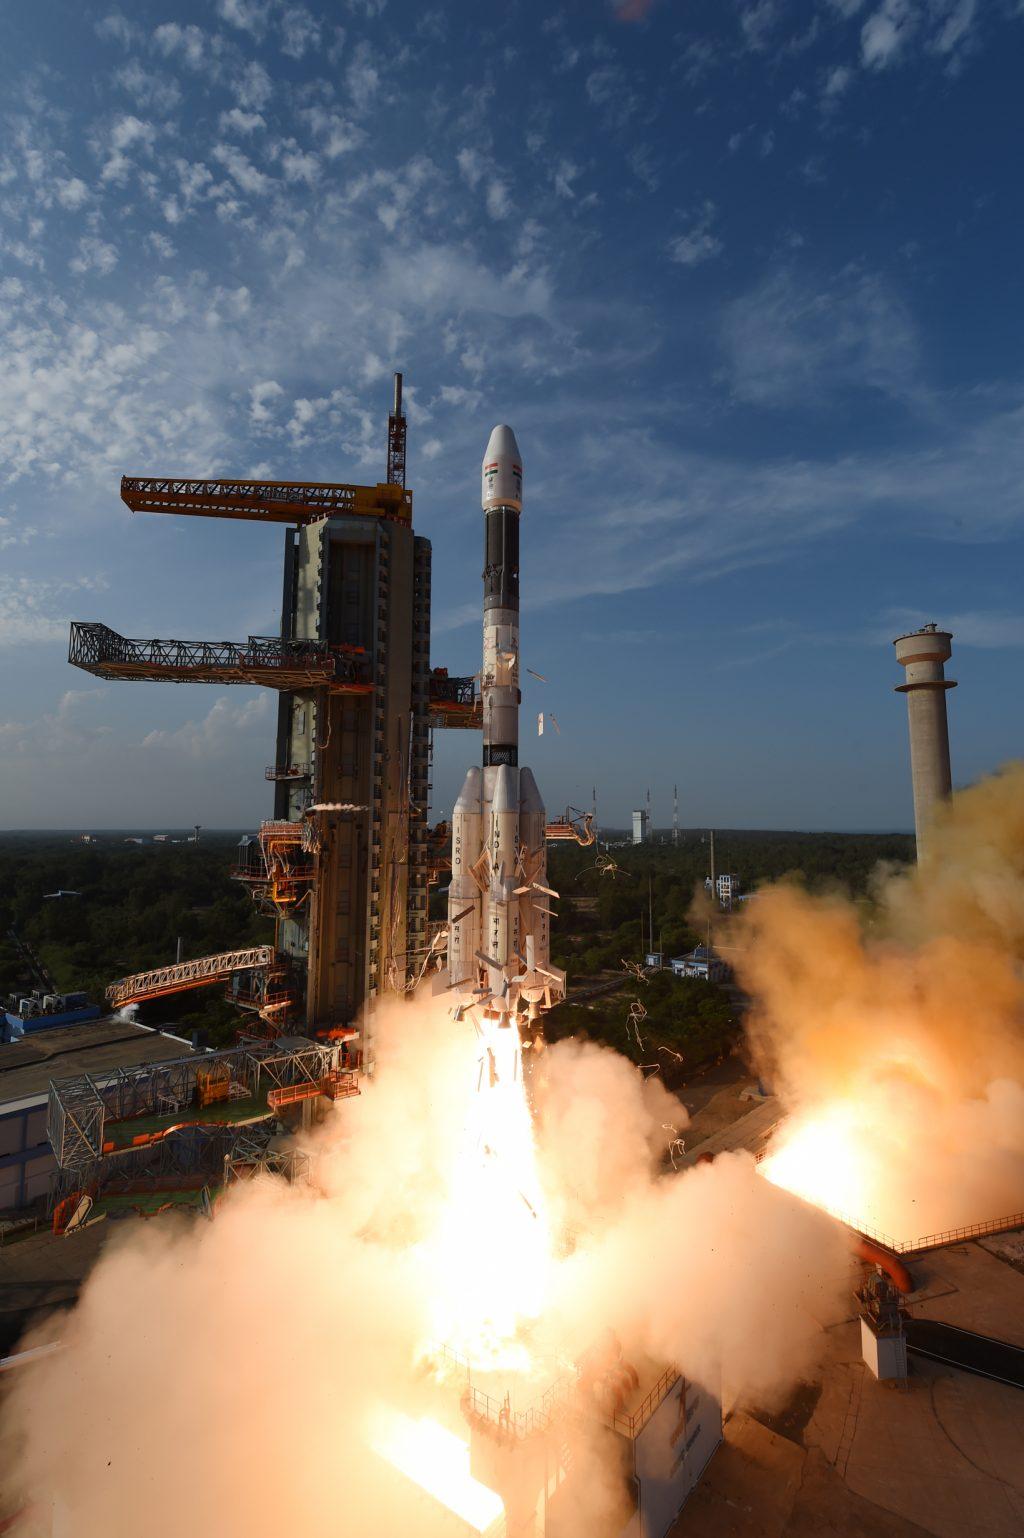 I detriti che si vedono cadere nelle prime fasi del lancio, sono le pannellature termiche che servono a mantenere in temperatura i propellenti liquidi del razzo. (C) ISRO.